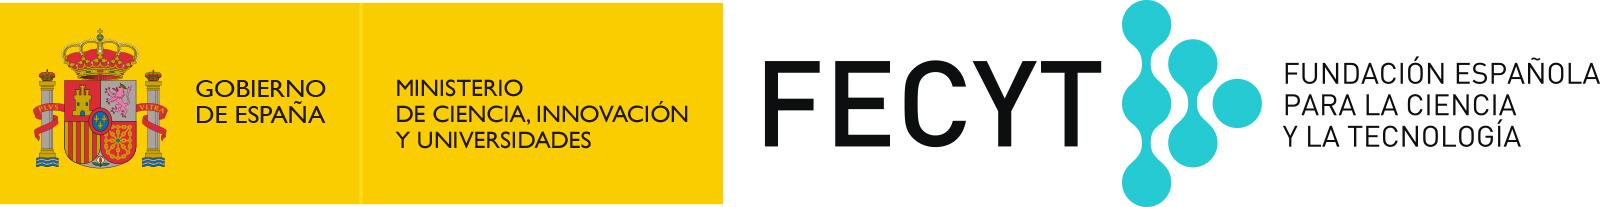 https://www.convocatoria.fecyt.es/publico/Logotipos/__Recursos/LogoMinisterio-FECYT.jpg